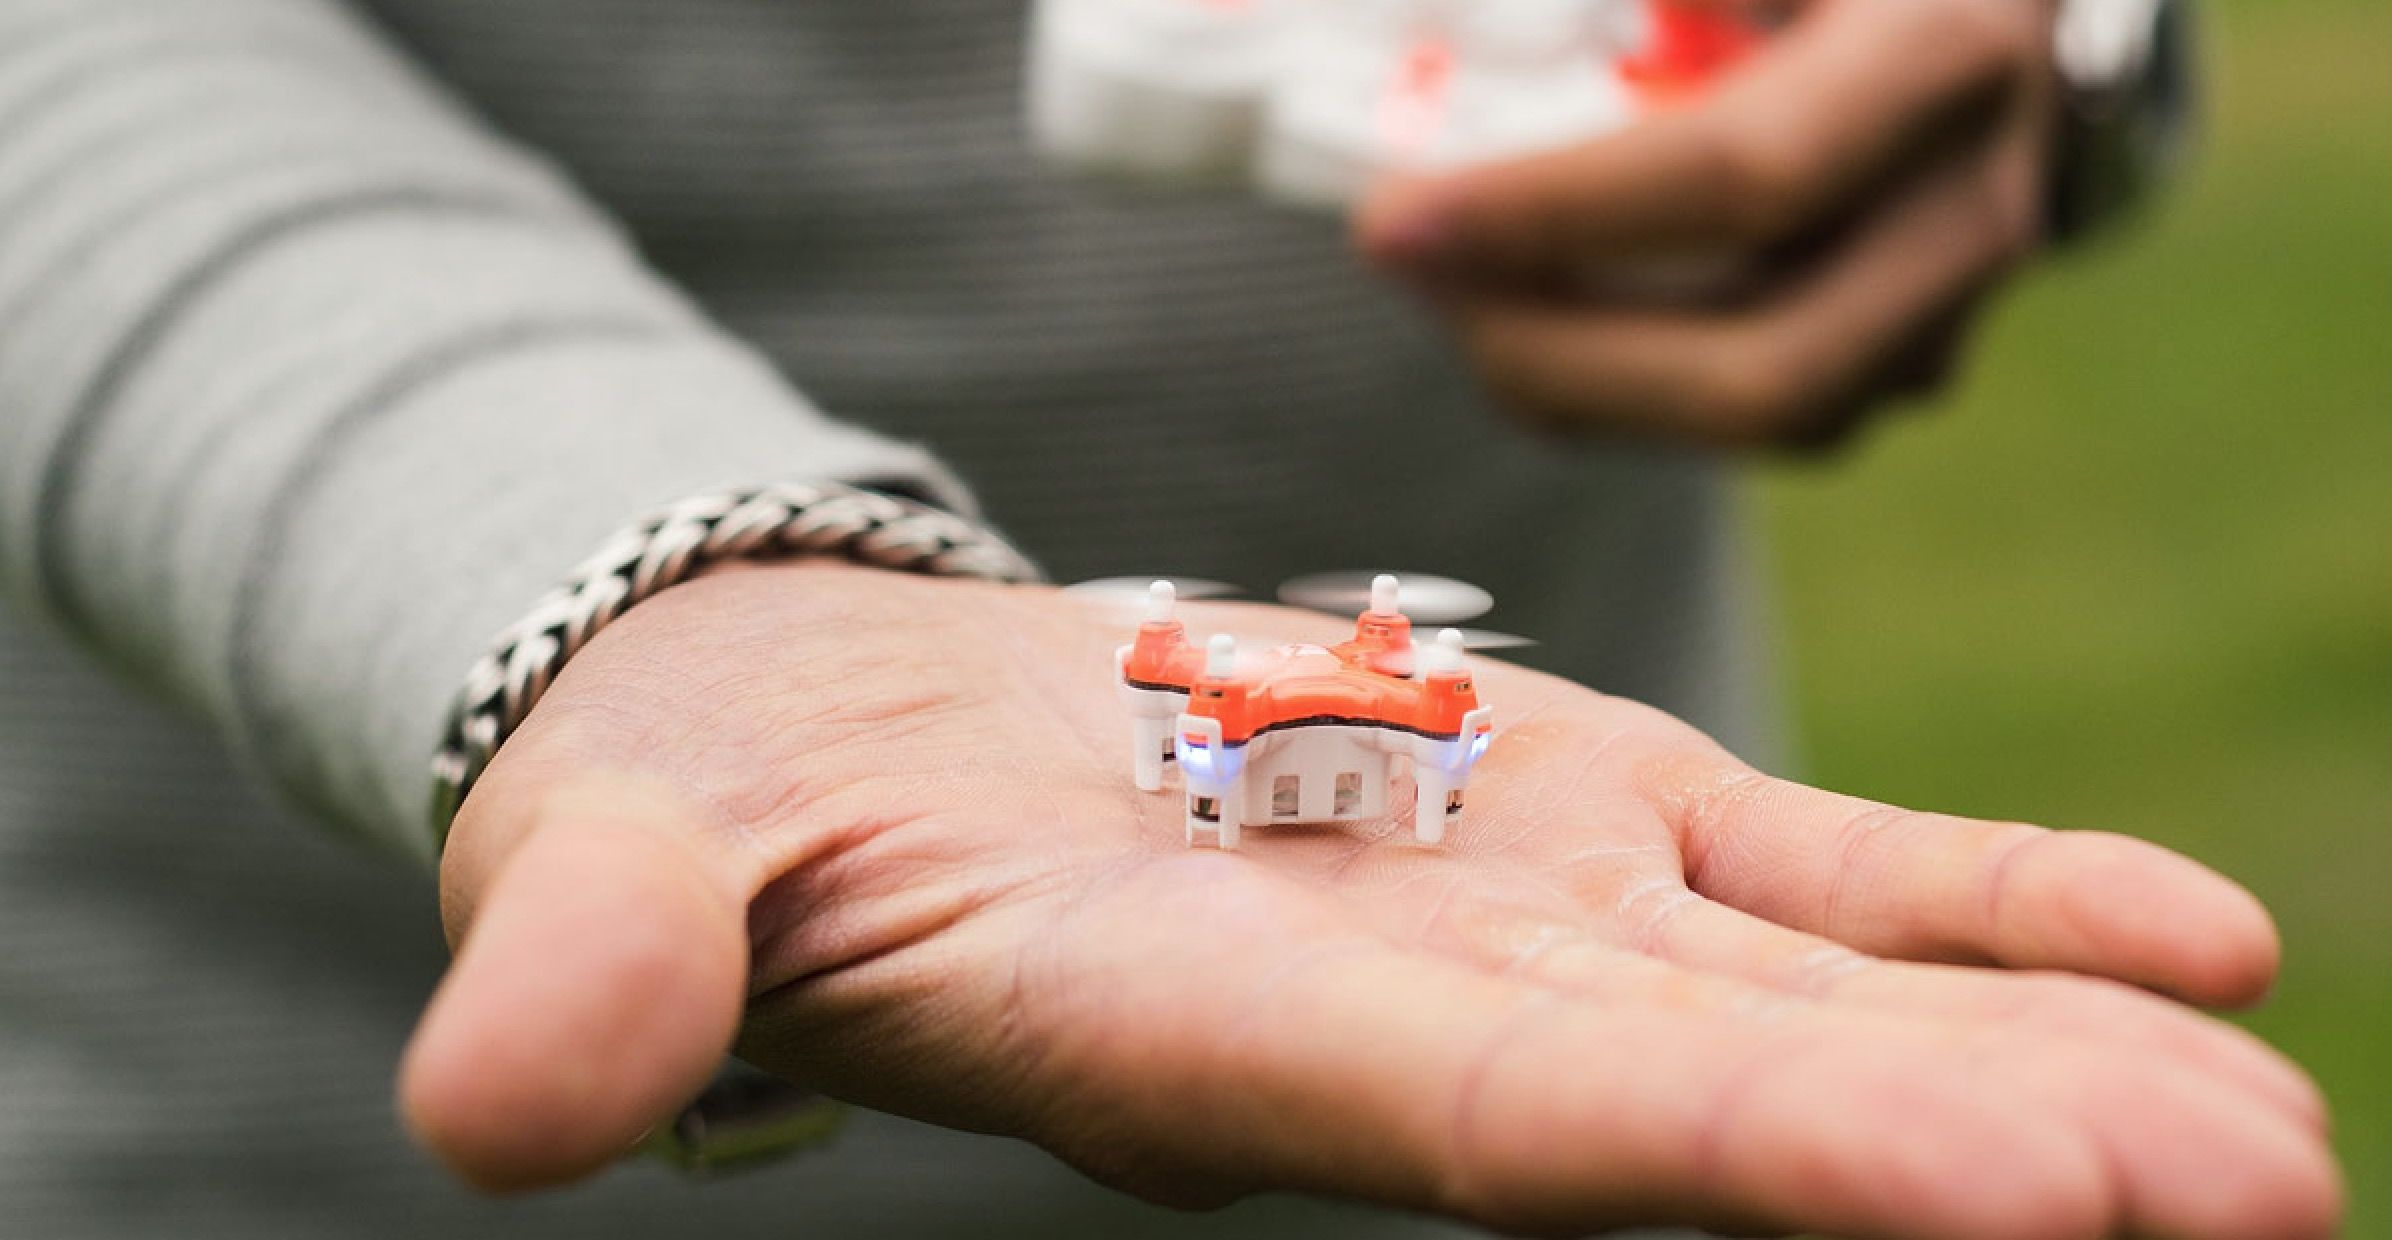 世界最小「約2cm」のドローン。ハイスペックでめちゃめちゃ安い!